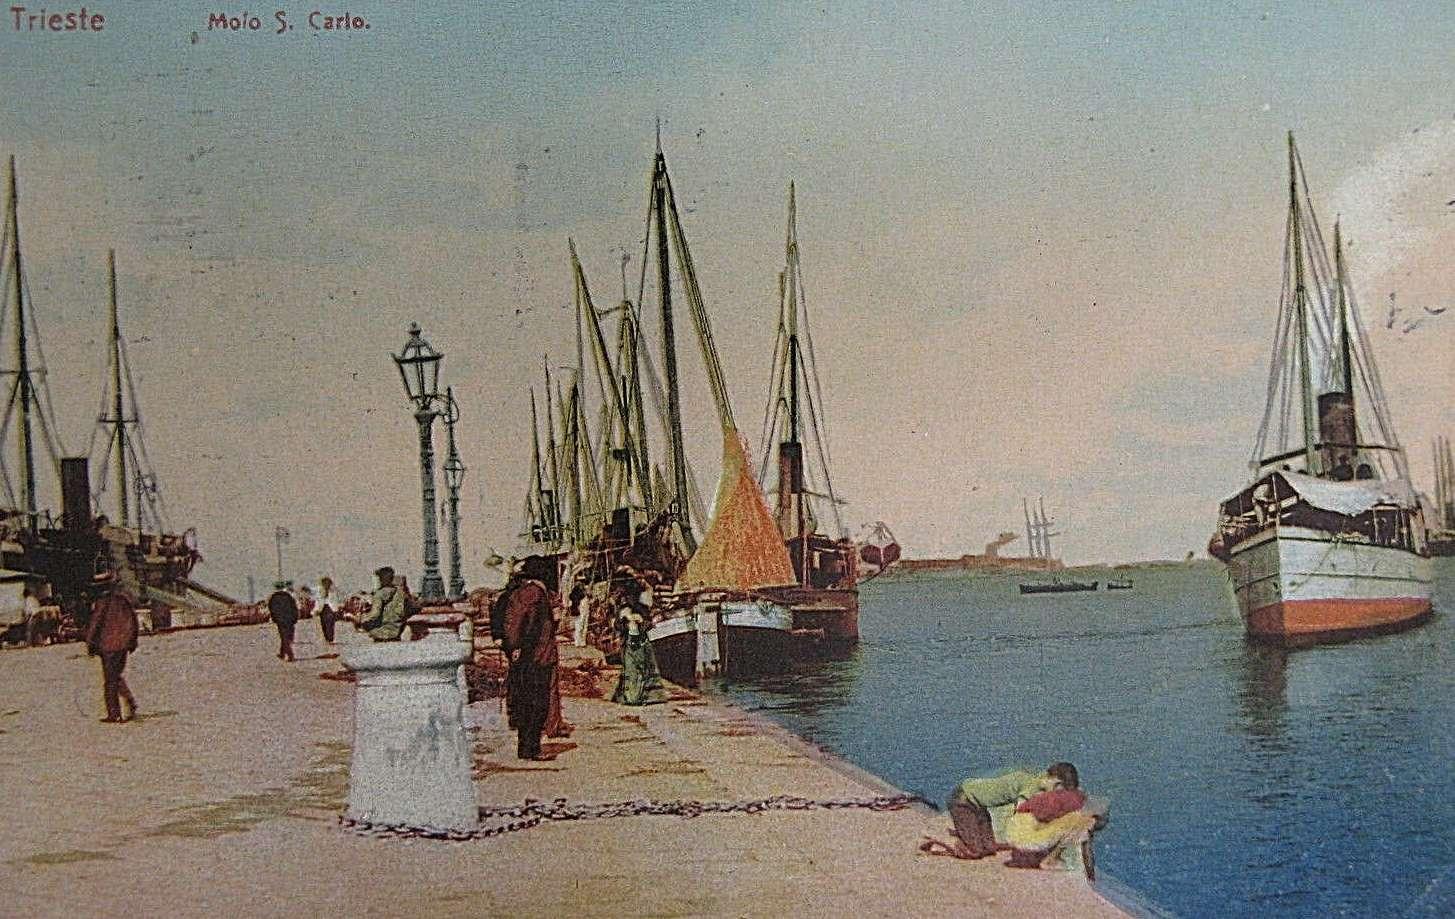 Nel 1900 il molo è illuminato da pali funzionanti a gas